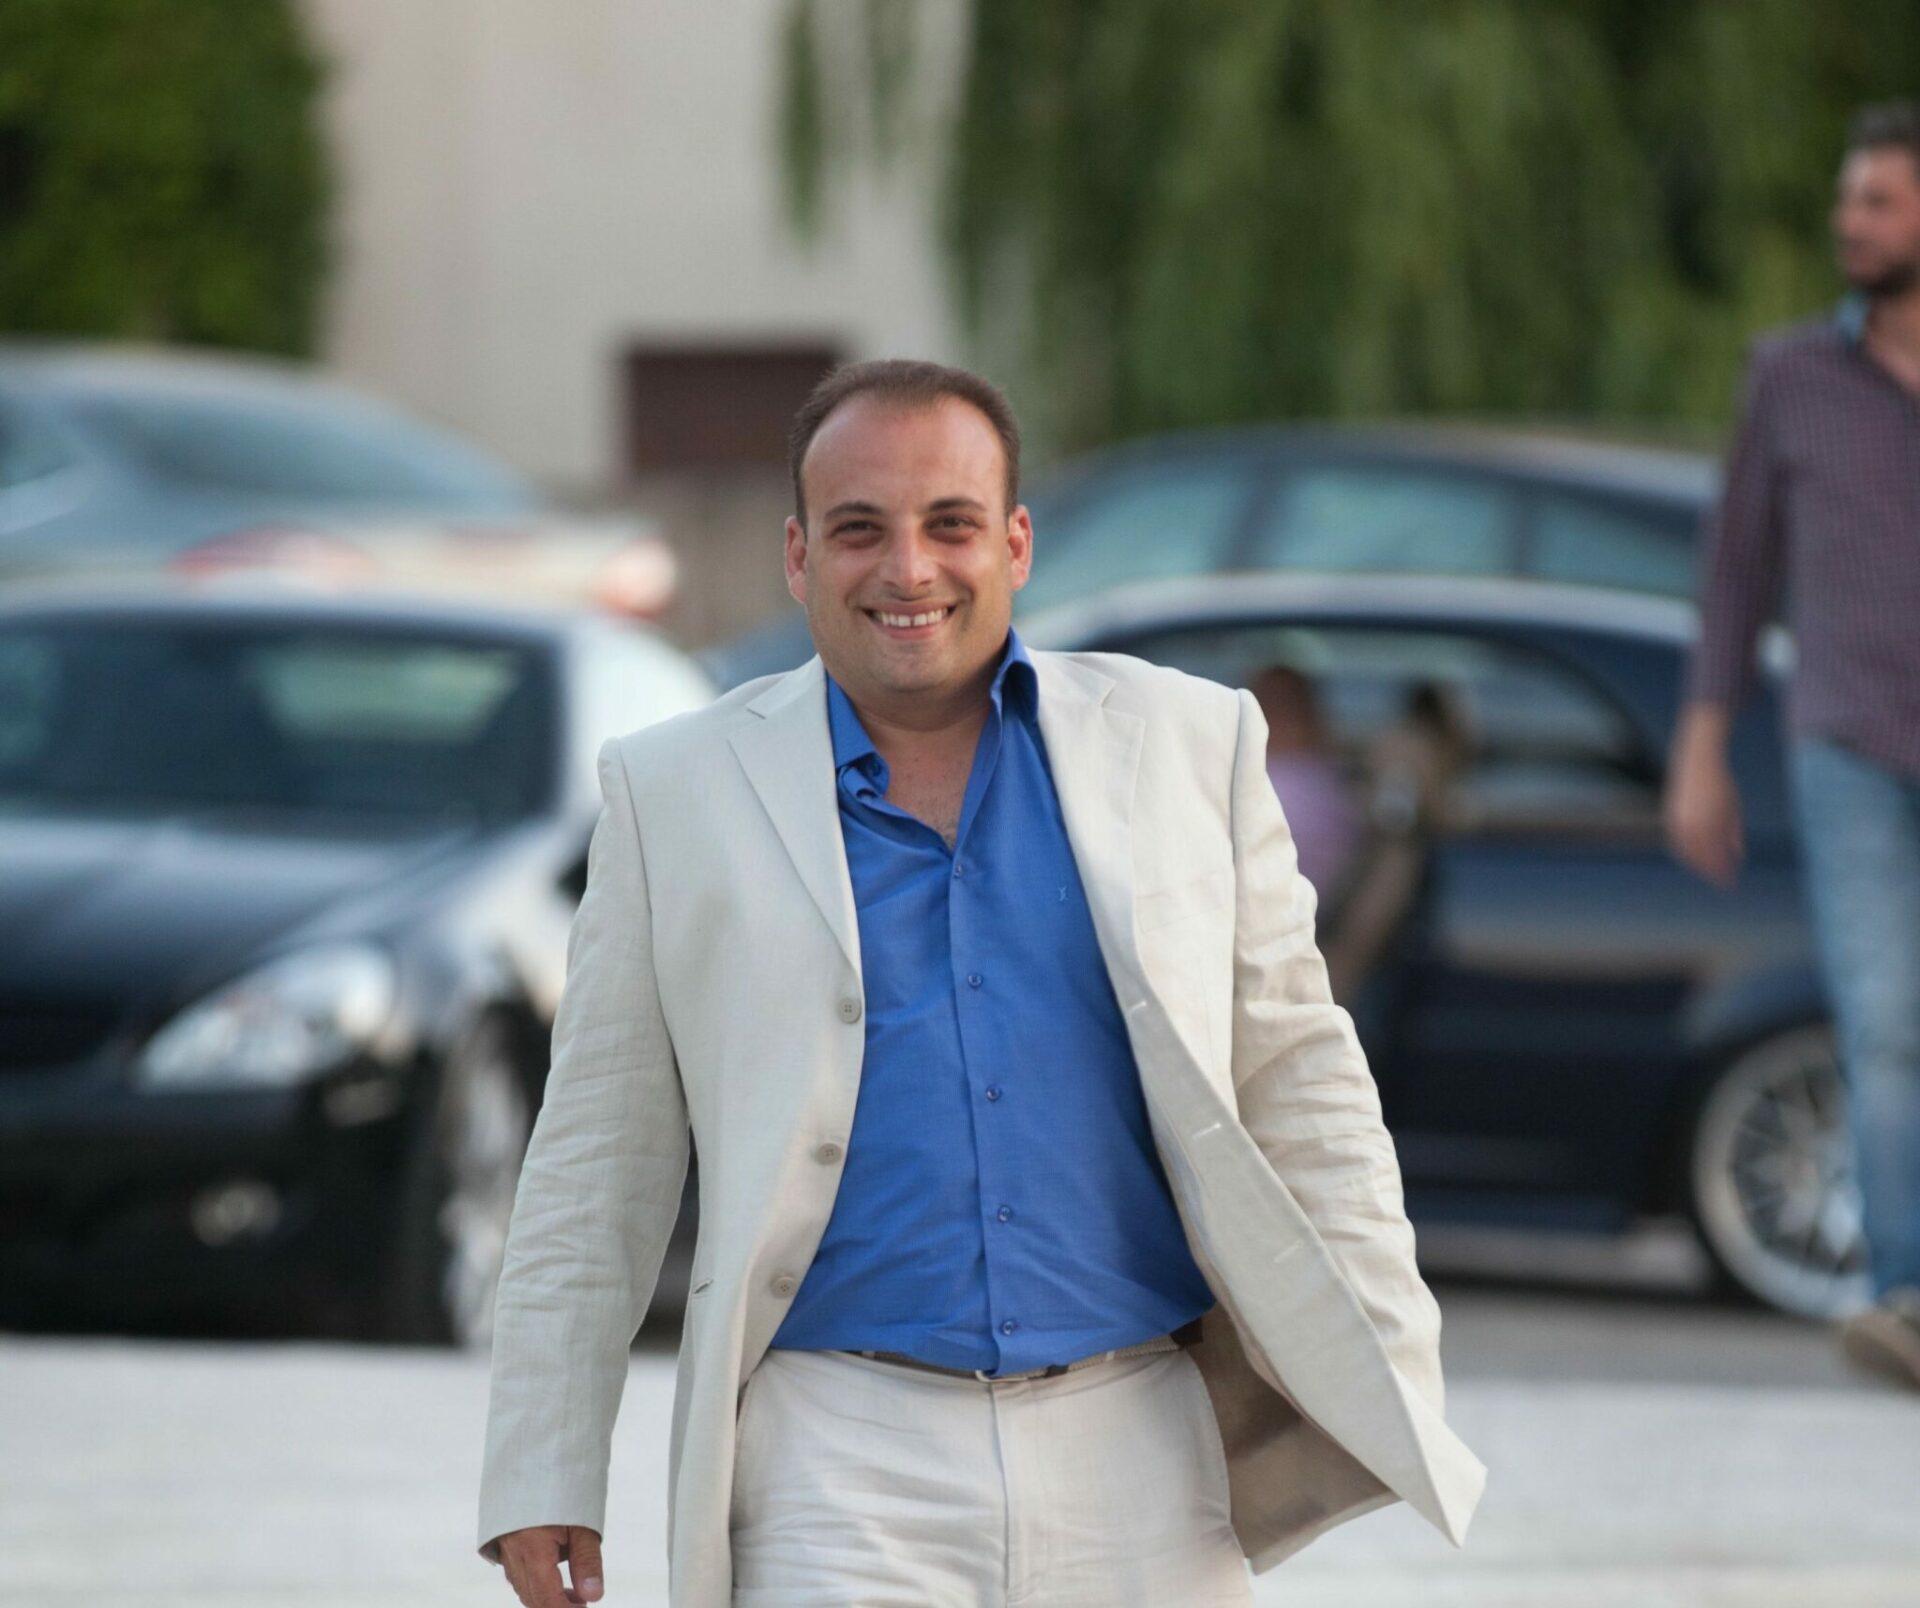 Νίκος Κοκκαλάς – Ολοκλήρωσε τη διετή θητεία του στο ΝΠΔΔ «Η ΕΣΤΙΑ»